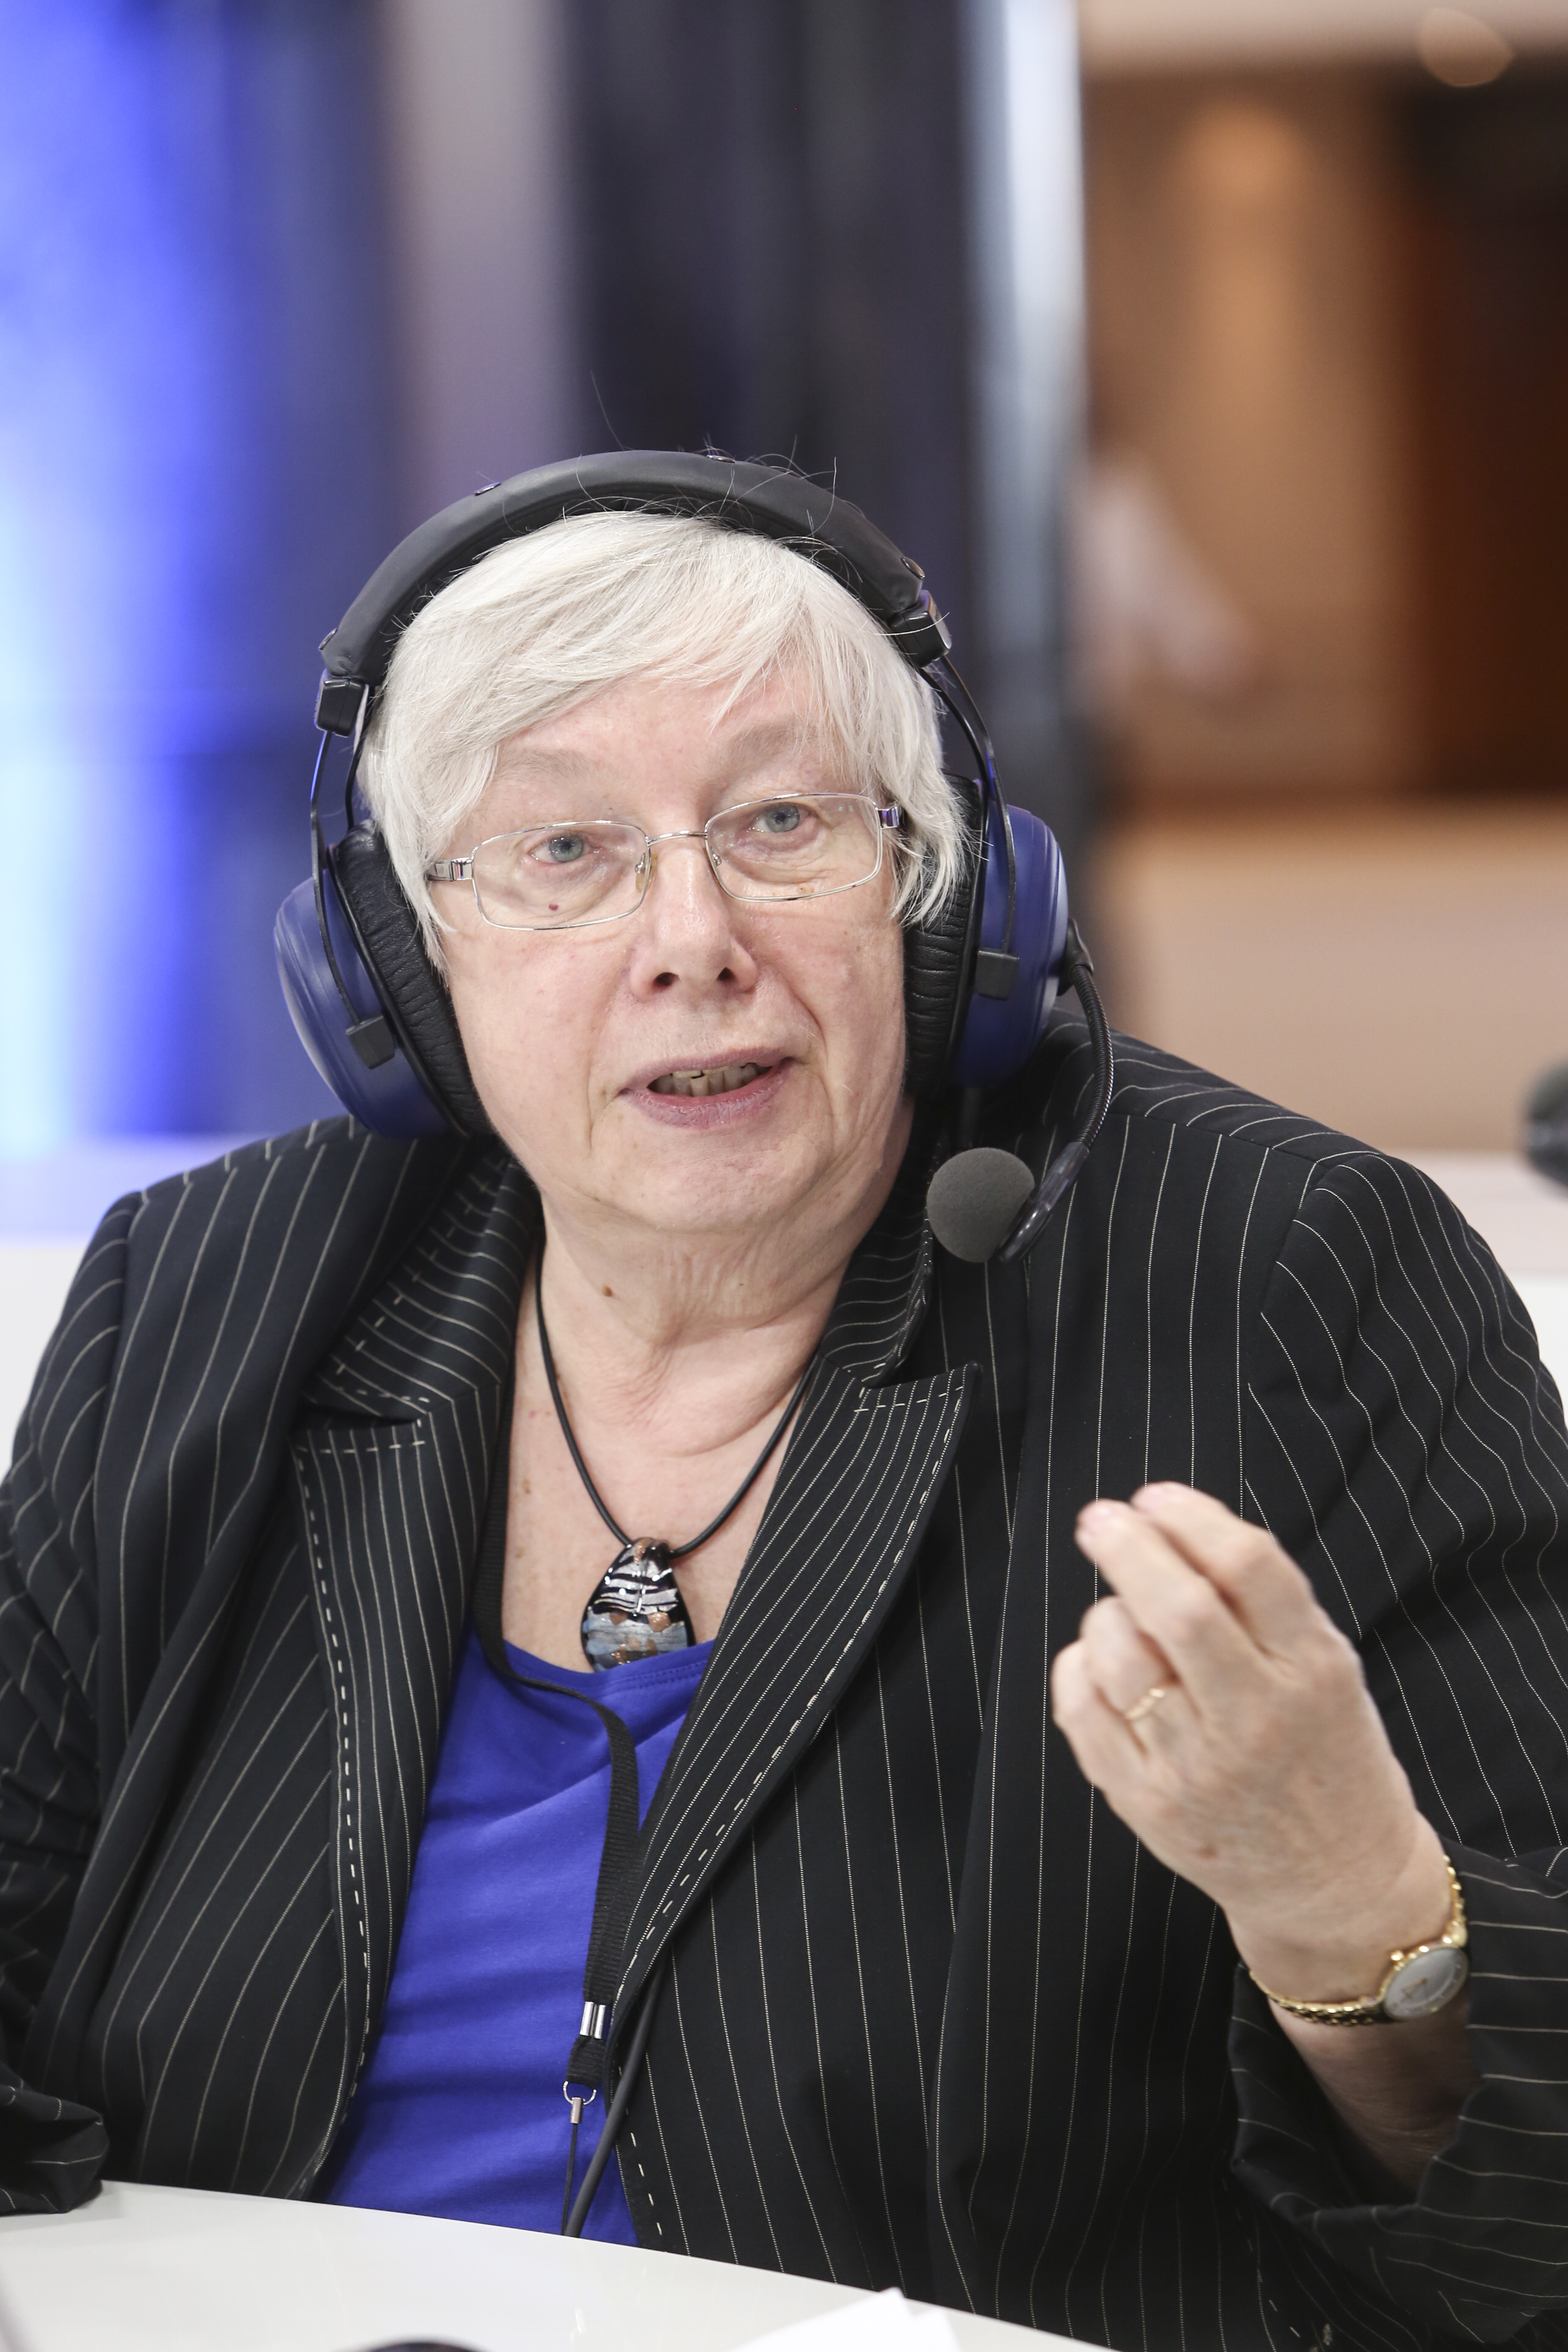 Die federführende EU-Parlamentarierin für die Verhandlung der ePrivacy-Verordnung: Sozialdemokratin Marju Lauristin (Archivbild).